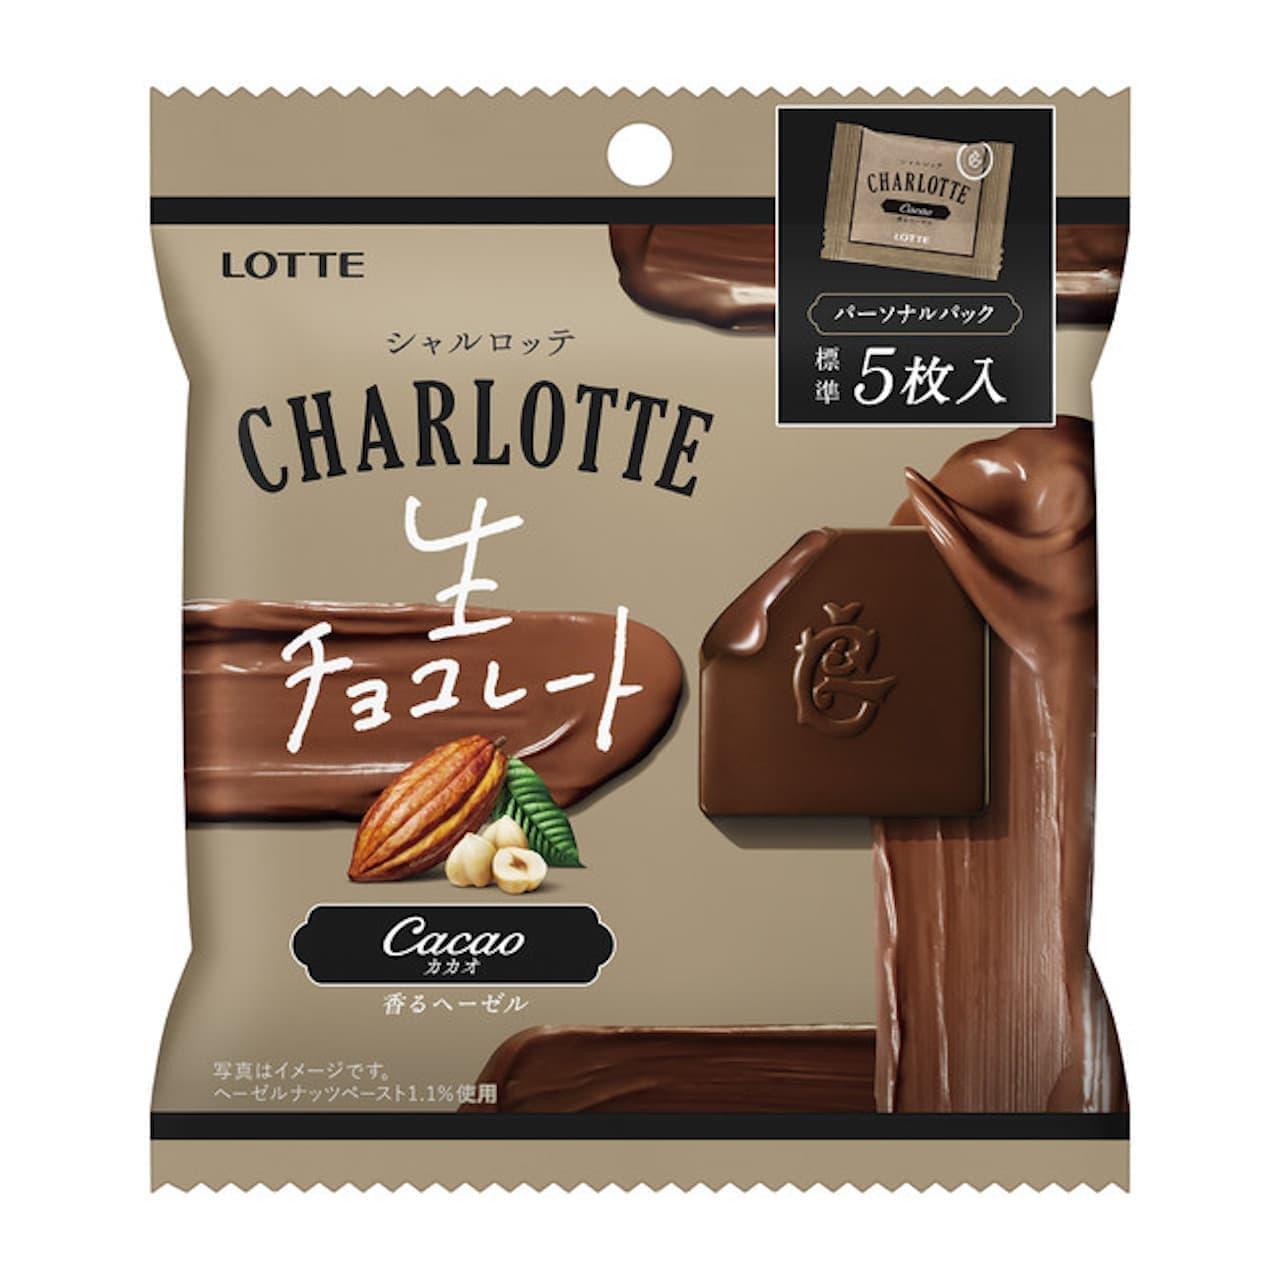 食べ切りサイズ「シャルロッテ 生チョコレート<カカオ>パーソナルパック」